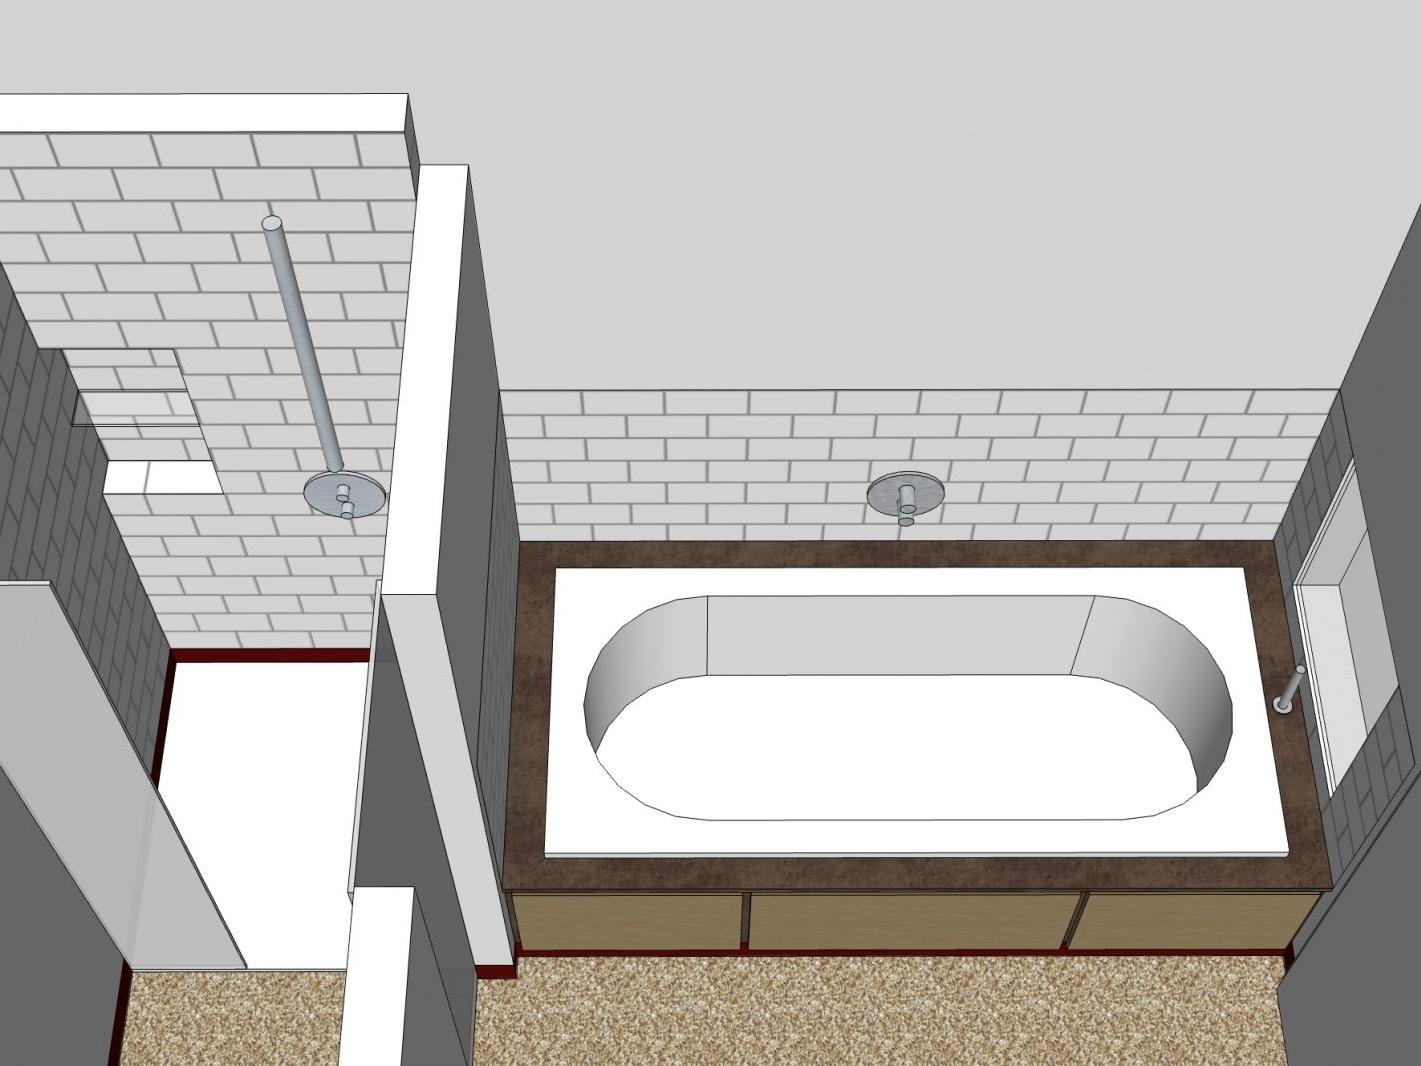 Paarbad mit Lichtkuppel - Visualisierung Wanne und Dusche